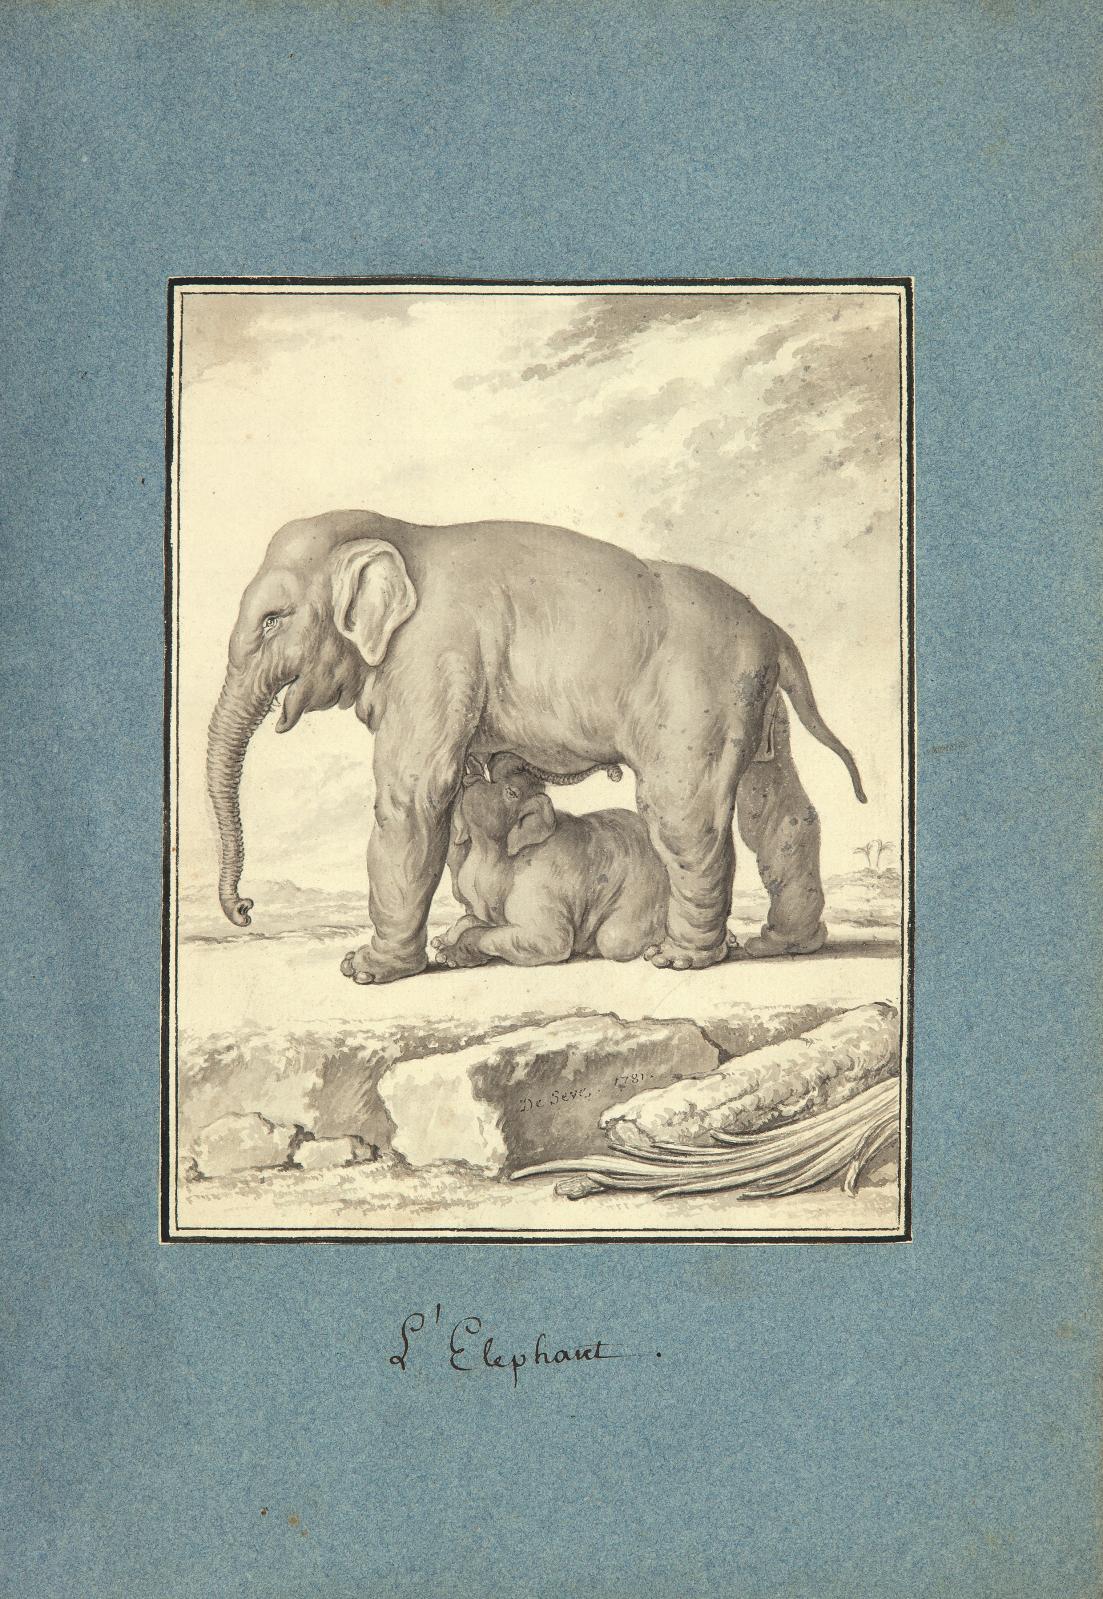 Jacques de Sève (actif de 1742 à 1788), recueil de 226 dessins originaux pour illustrer l'Histoire naturelle… de Buffon, vers 1754-1789 (l'un reprodui